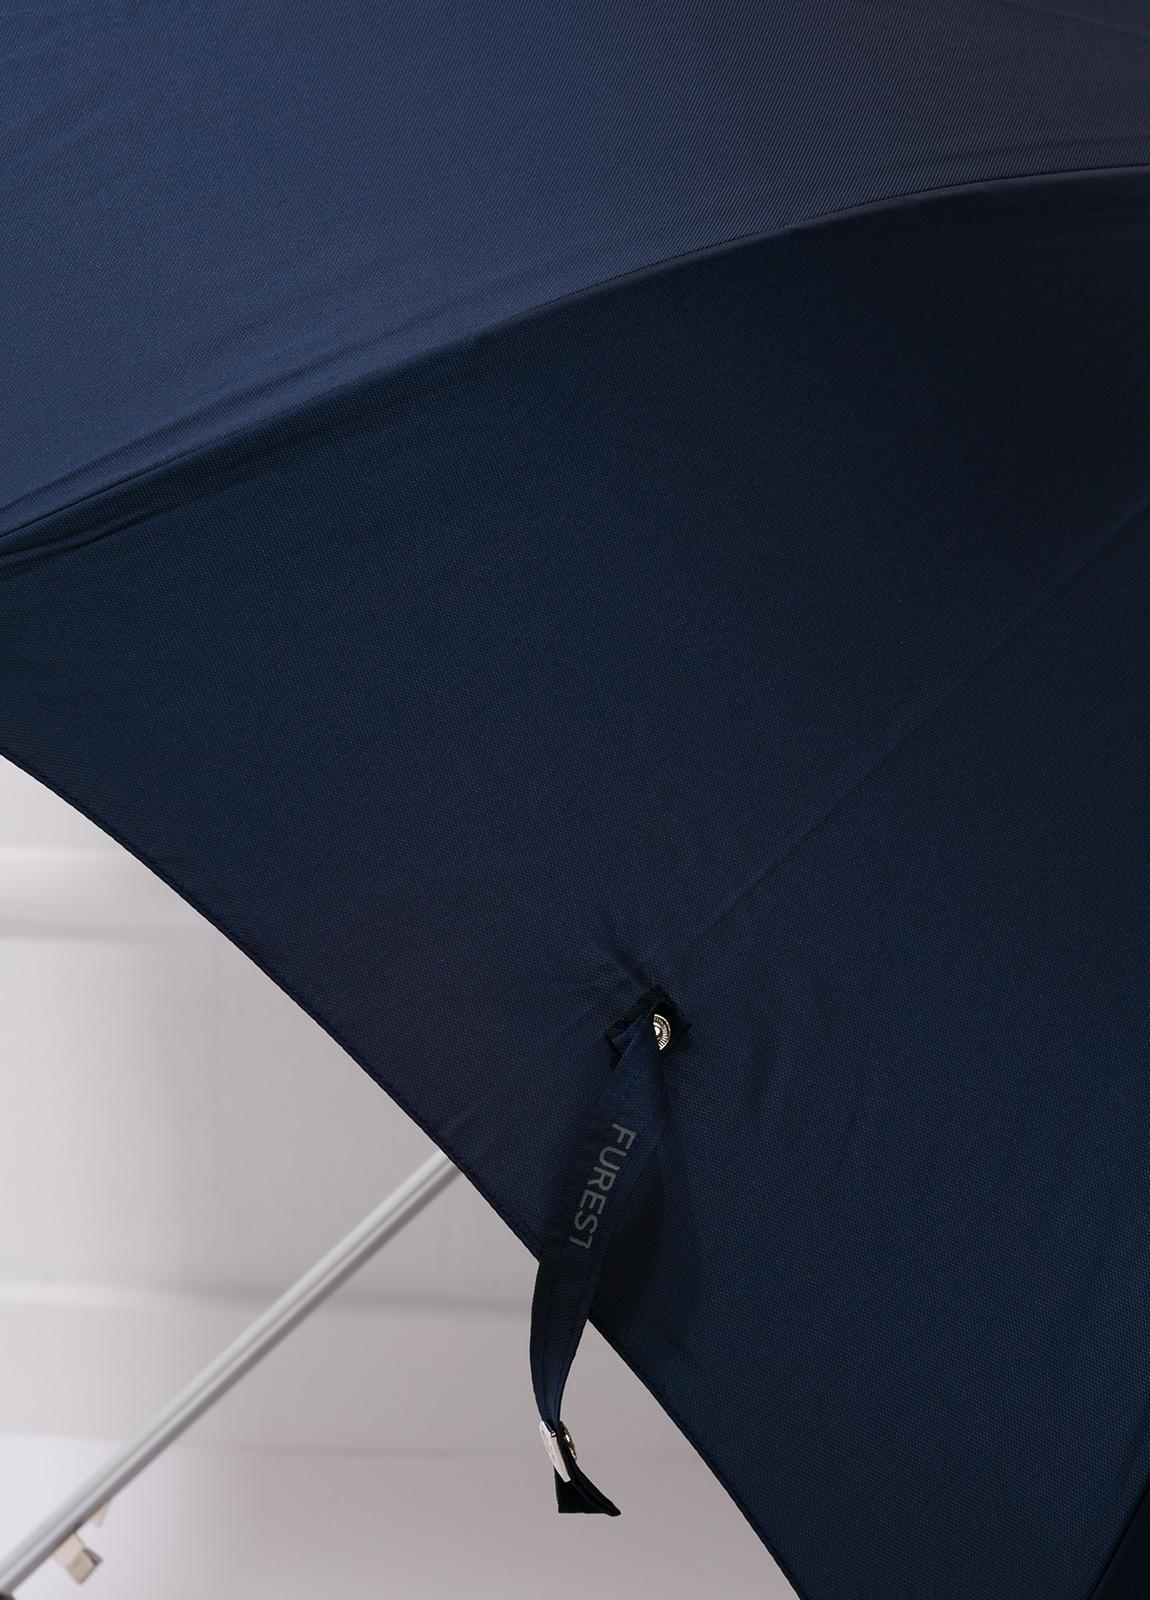 Paraguas con diseño liso color azul marino y puño de madera. - Ítem2